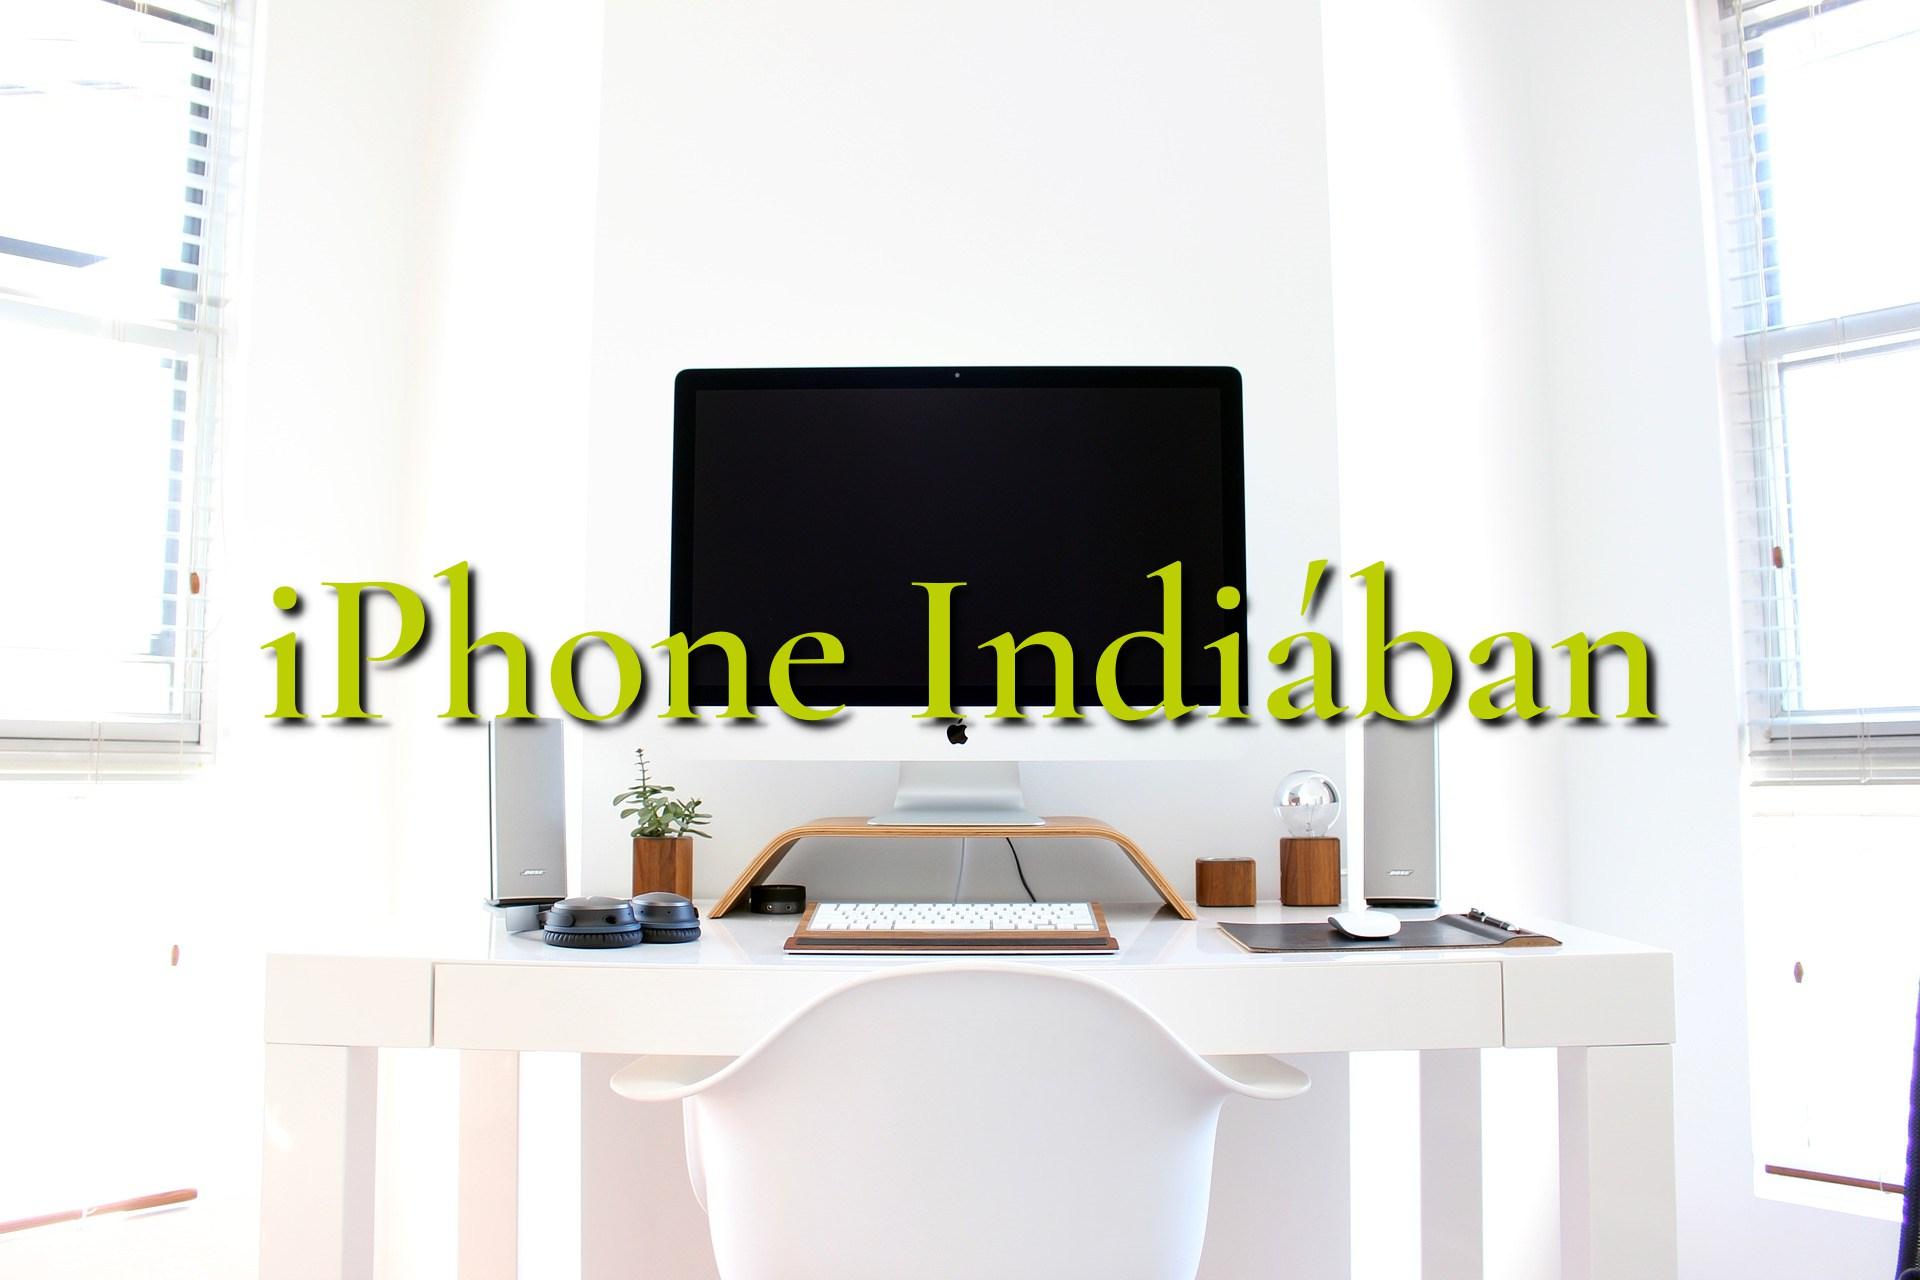 1 millió darab iphone Indiában